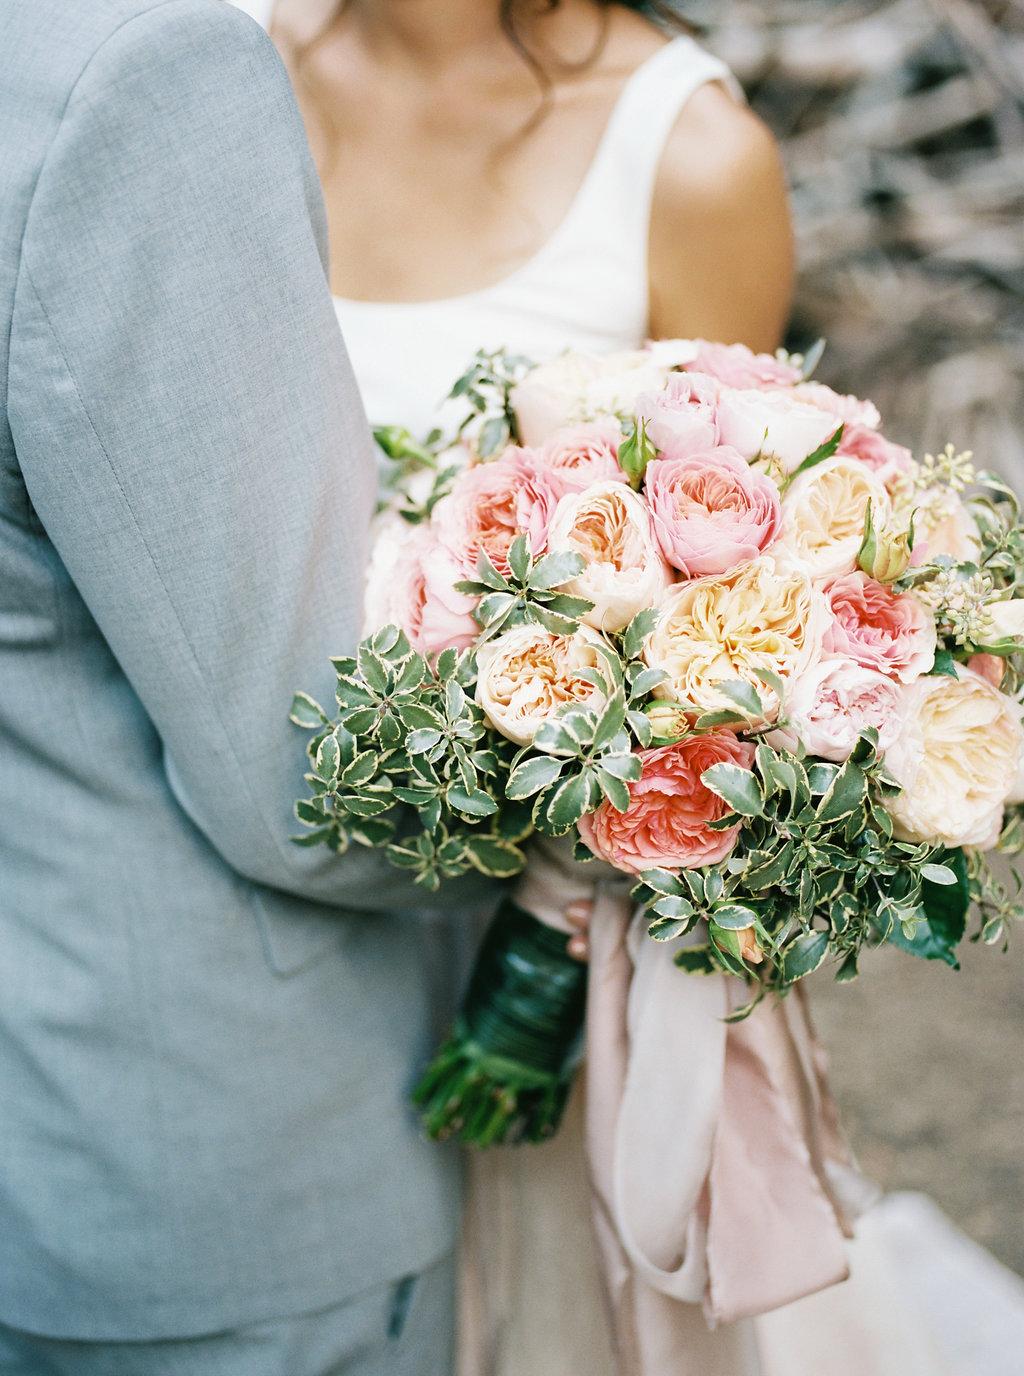 Photo Credits: Matoli Keely, Floral:  Anny Szeto